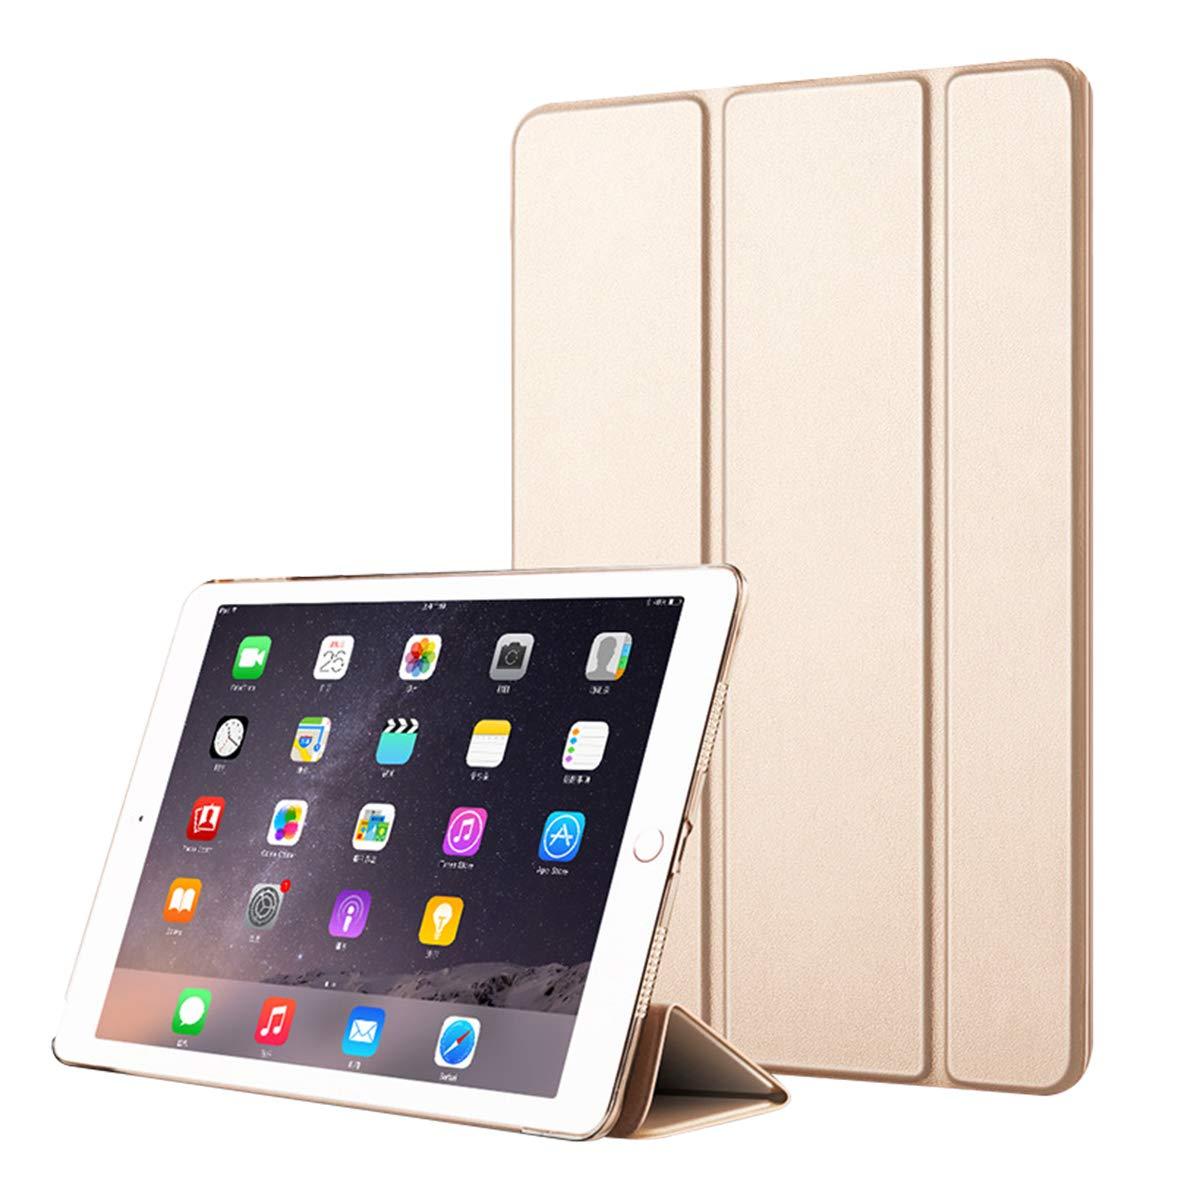 古典 iPad 8293-Q3-276 12.9インチ Pro 12.9インチ 2017カードホルダーケース iPad Pro 12.9インチ 2017ウォレットケース スリム ゴールド iPad Pro 12.9インチ 2017フォリオレザーケースカバー 耐衝撃ケース クレジットカードスロット付き 丈夫な保護ケース, 8293-Q3-276 ゴールド B07KVTZK47, 御宅家本舗 OTAKICK:ec674704 --- a0267596.xsph.ru